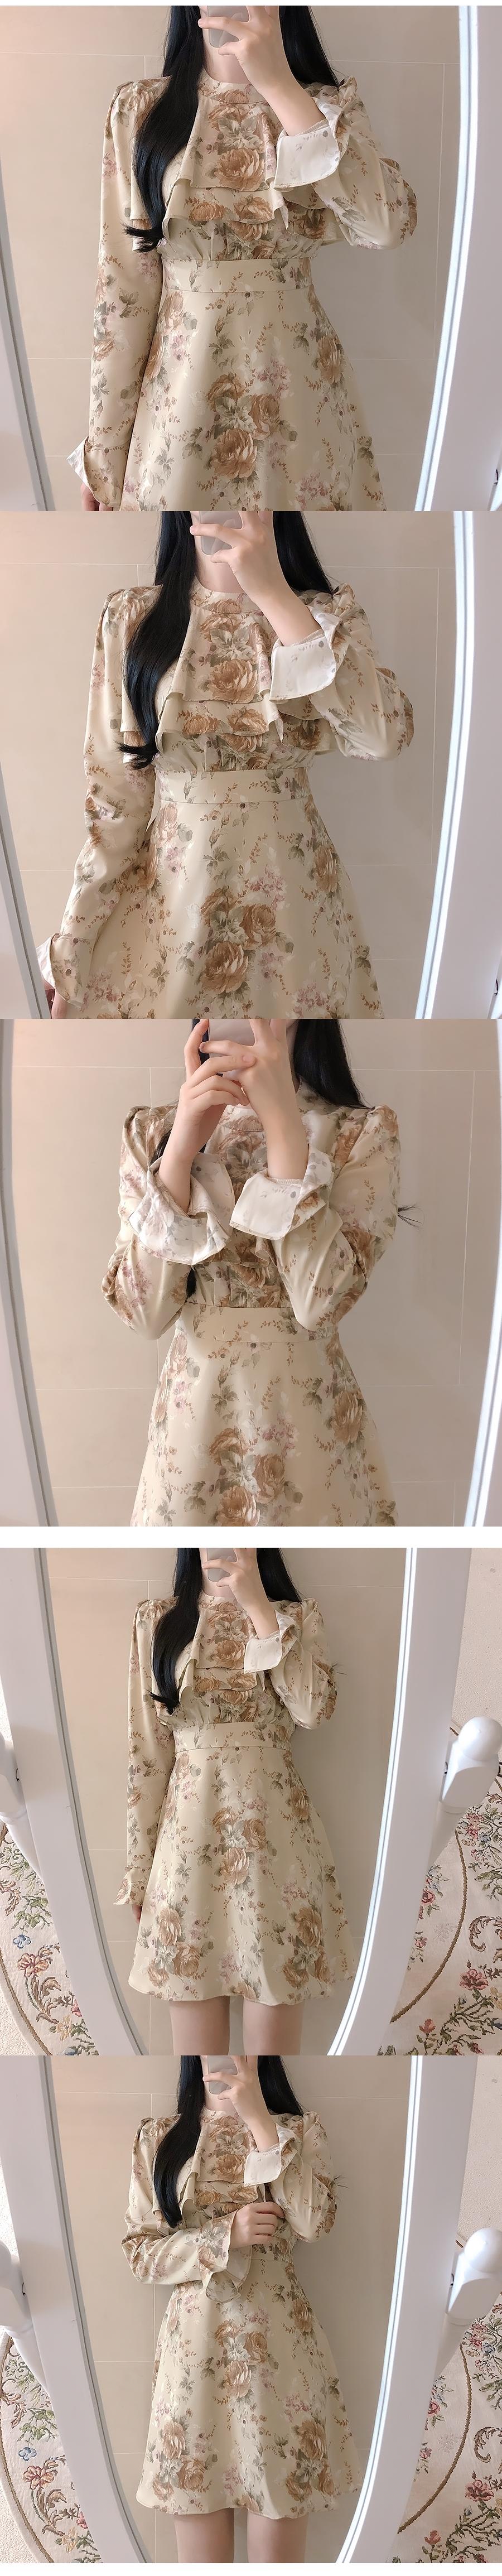 Cherni floral dress